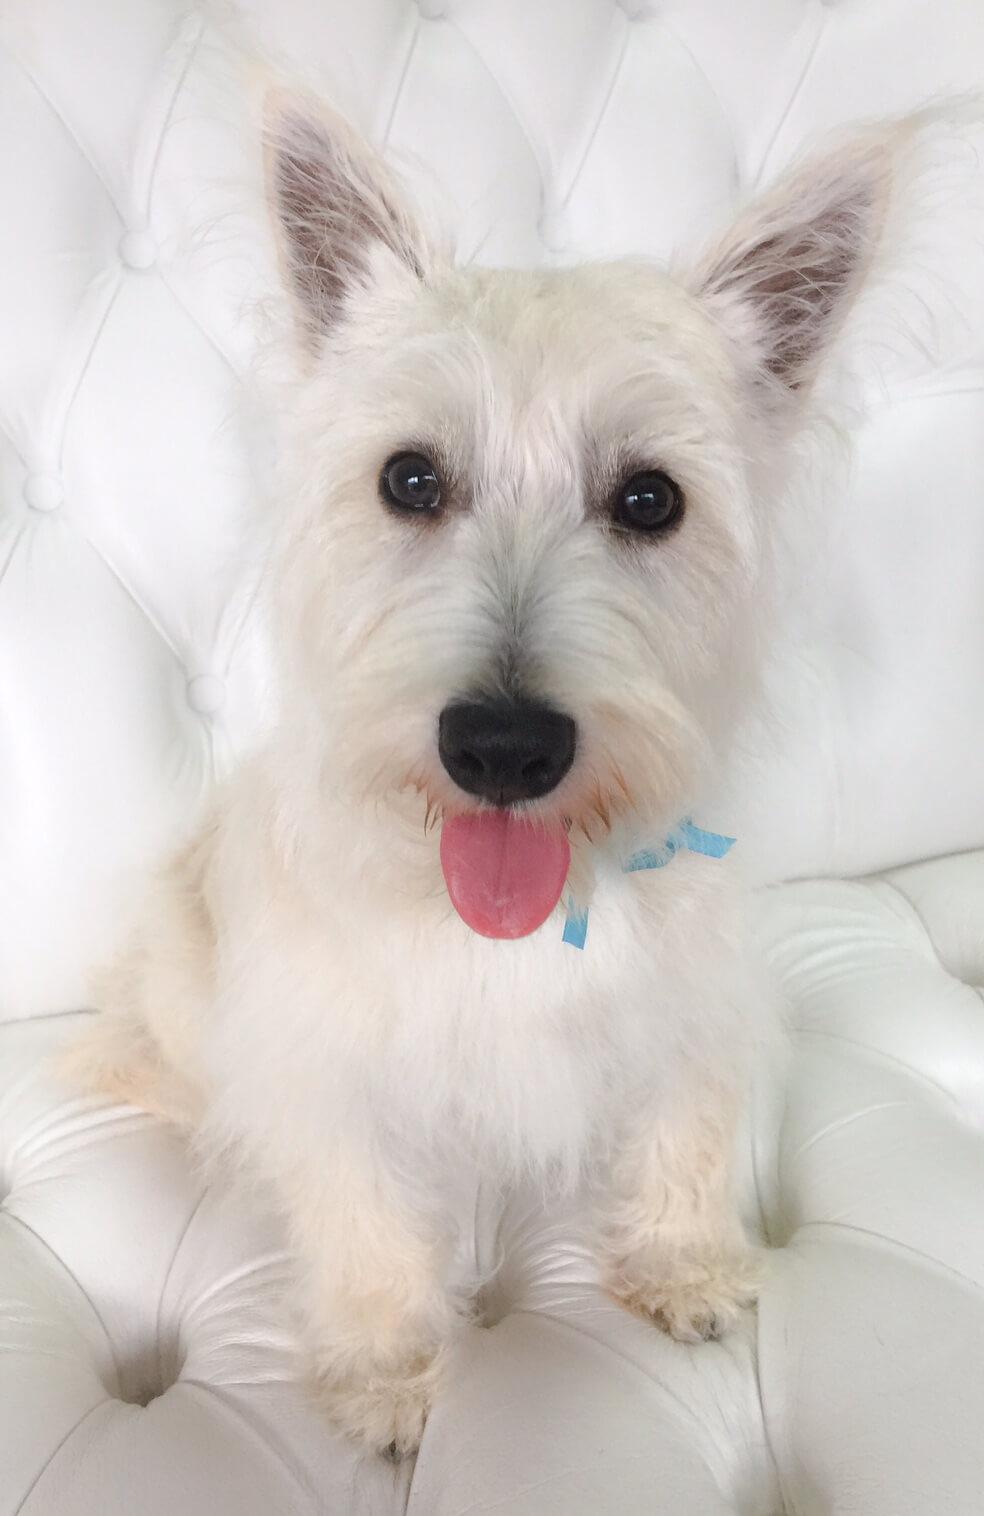 West-Highland-Terrier-grooming.jpeg